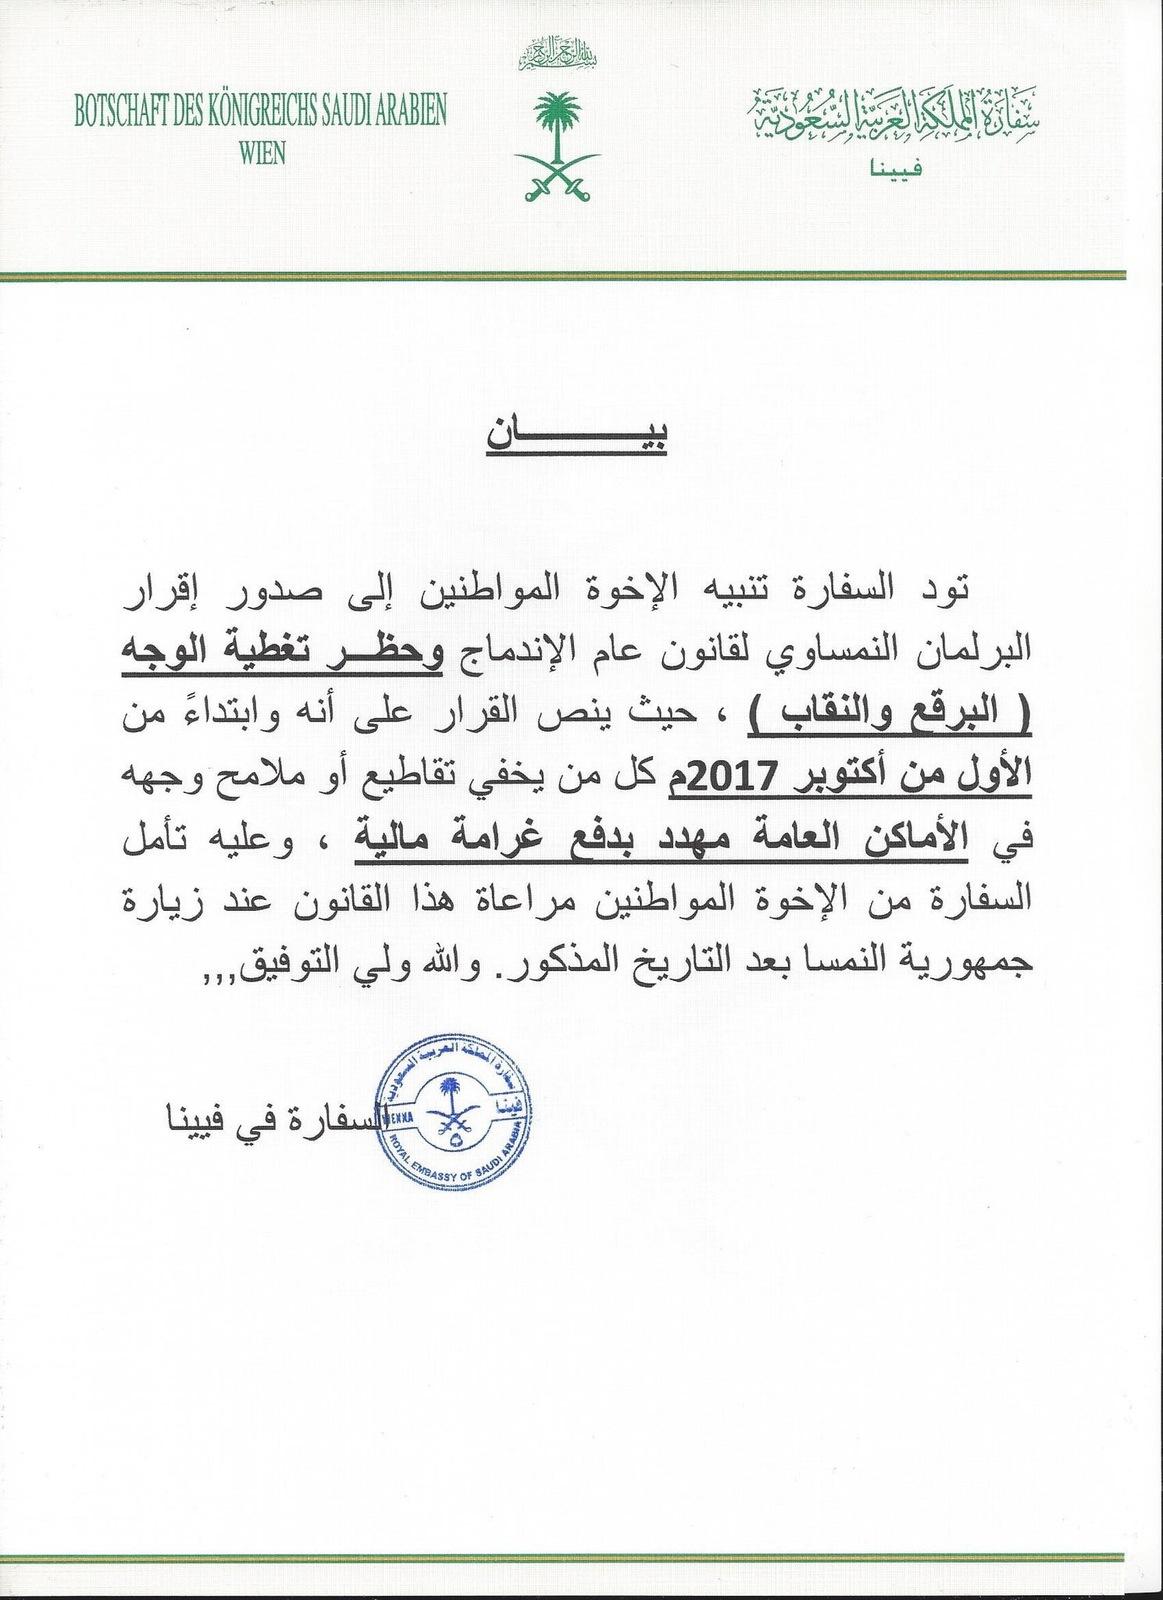 صدور قرار حظر النقاب في النمسا 687632 المسافرون العرب